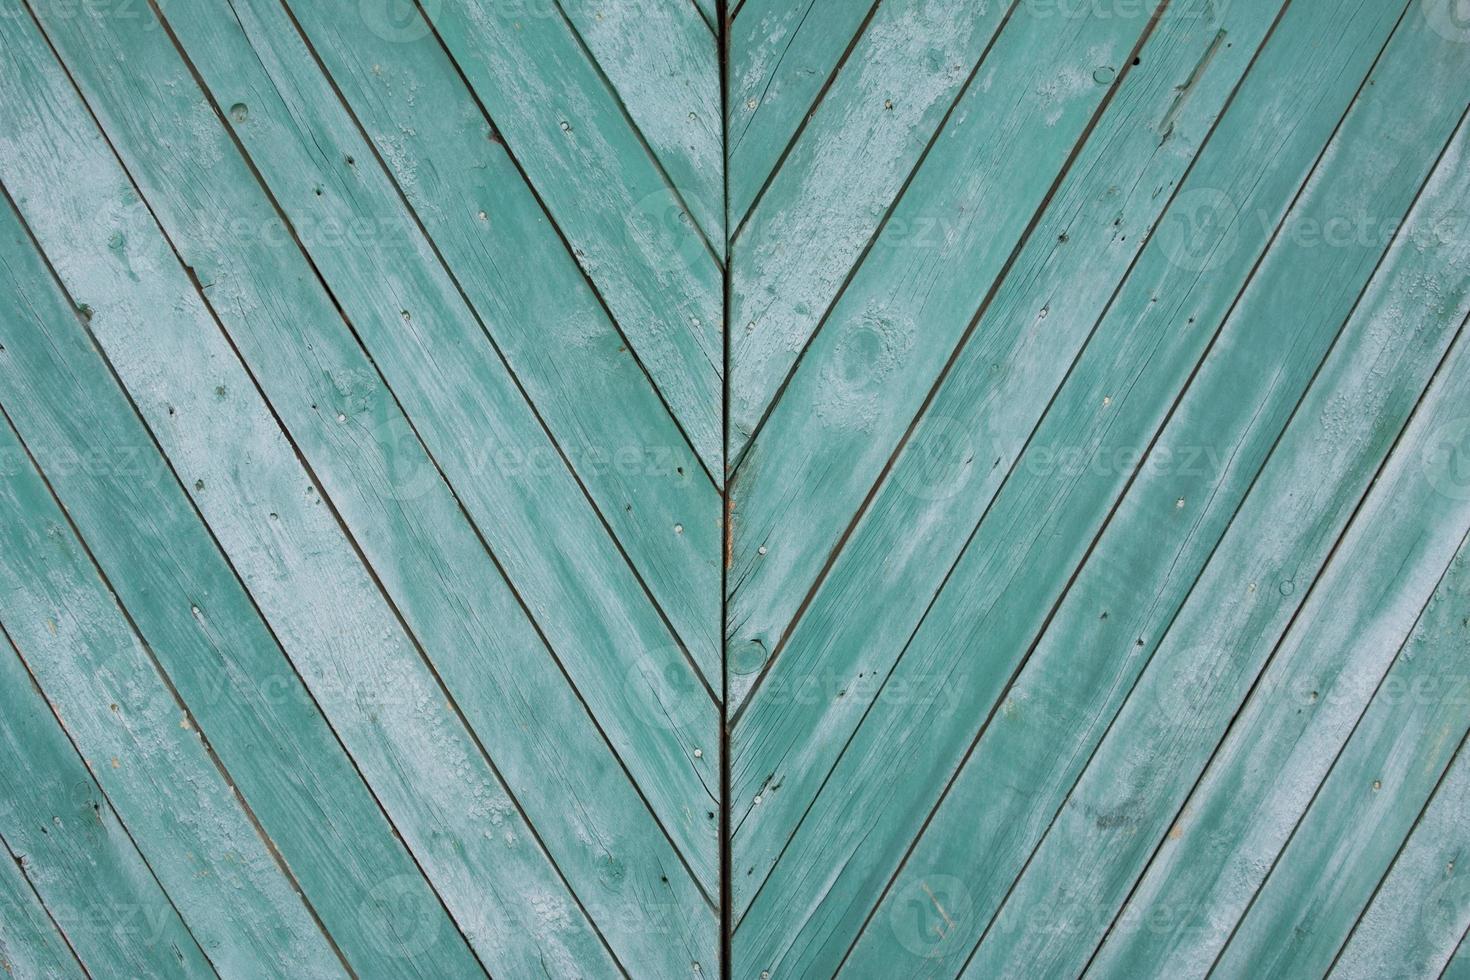 grüne Grunge Holz Textur mit diagonalen Streifen foto